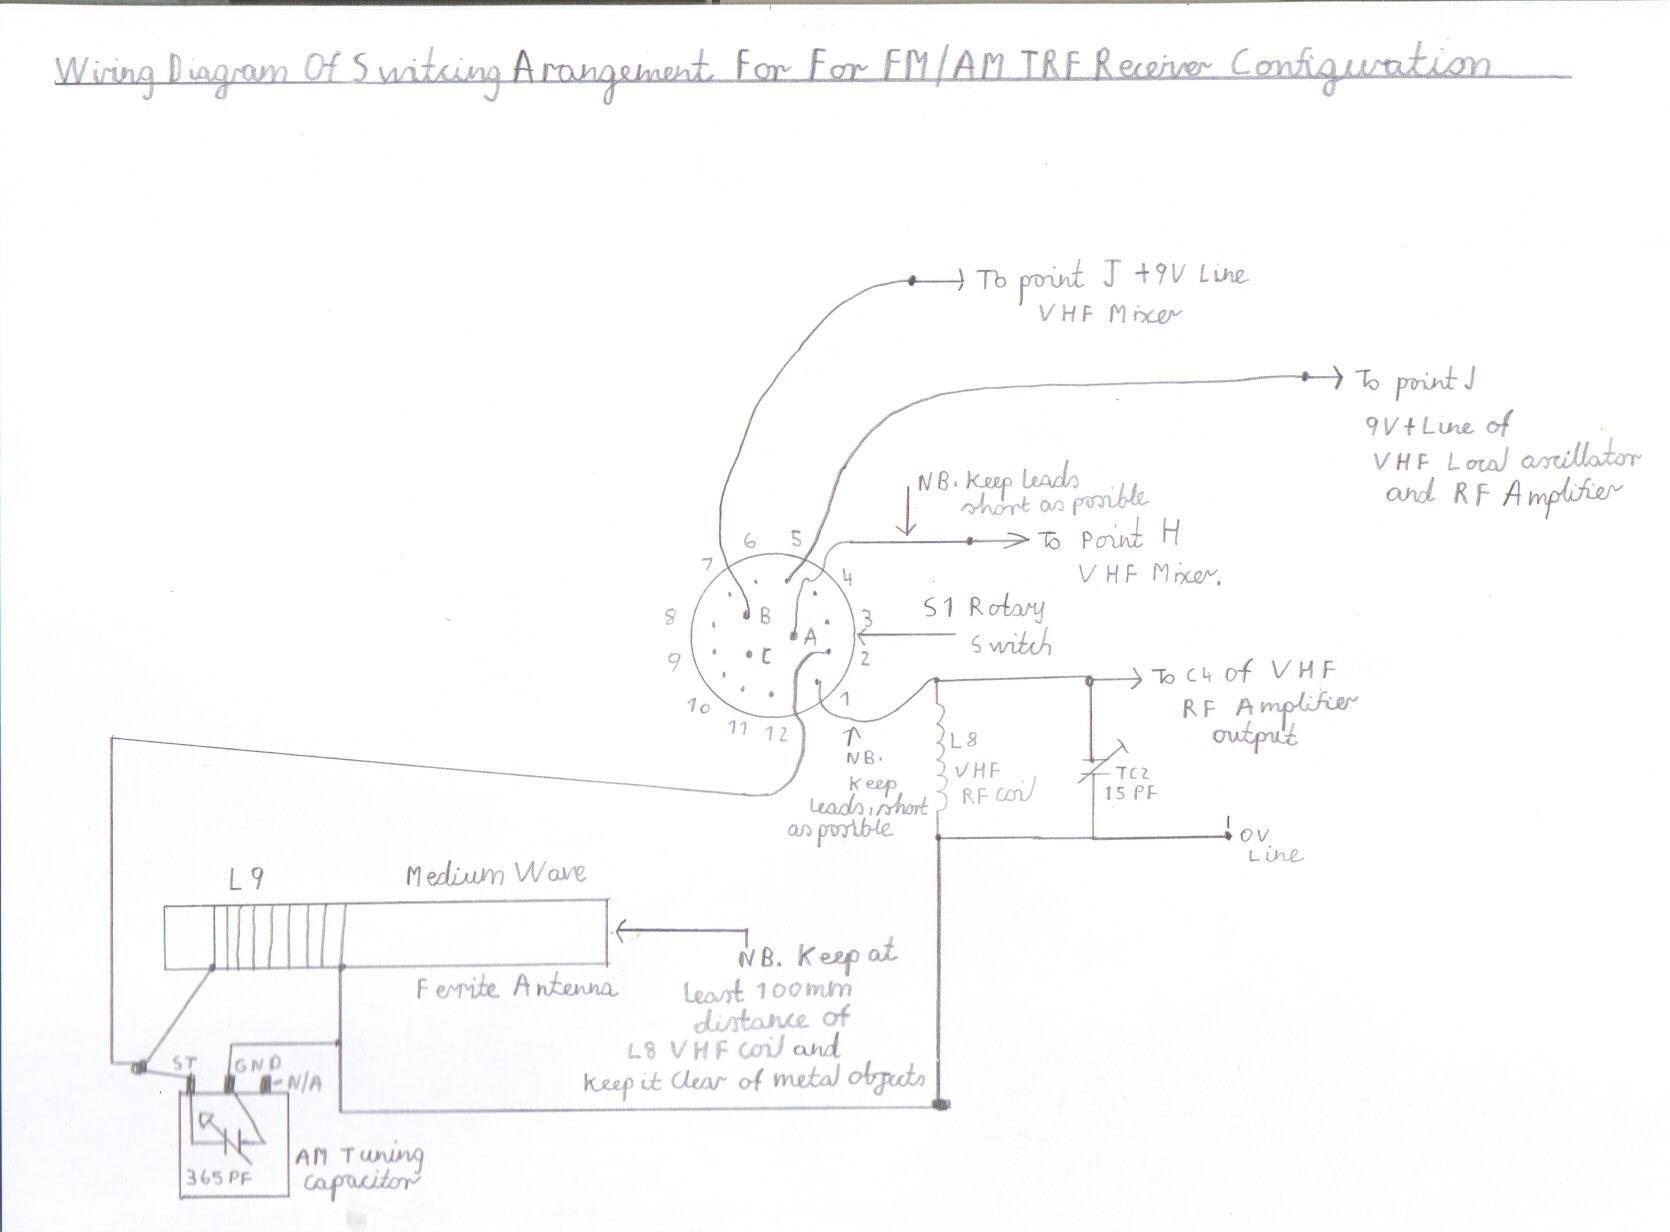 dayton 4uye9 wiring diagram dayton motor diagrams wiring